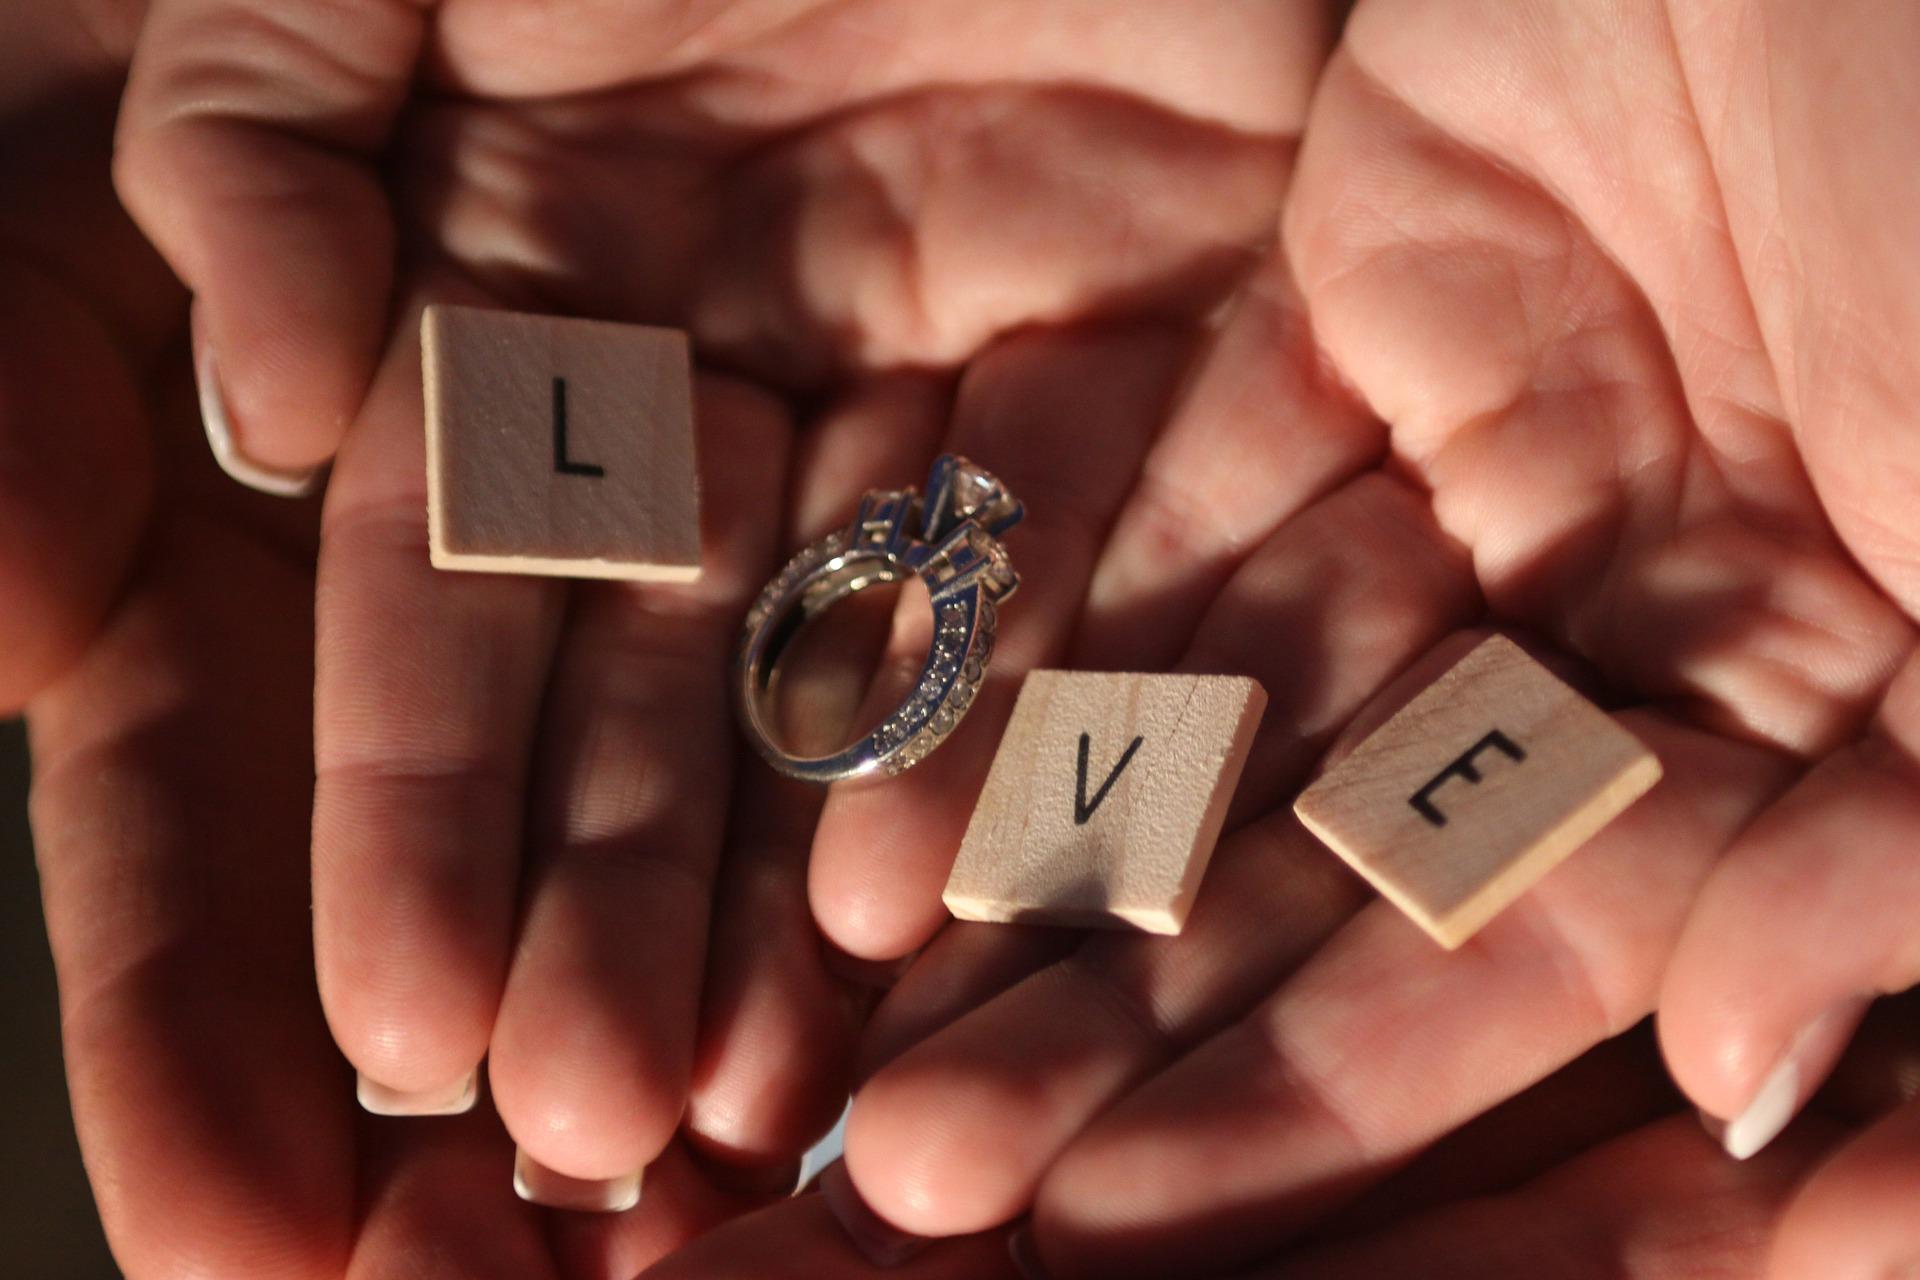 新潟先輩カップルの婚約指輪(エンゲージリング)結婚指輪(マリッジリング) LUCIE(ルシエ)のシンプルデザインのマリッジリングがお気に入り!